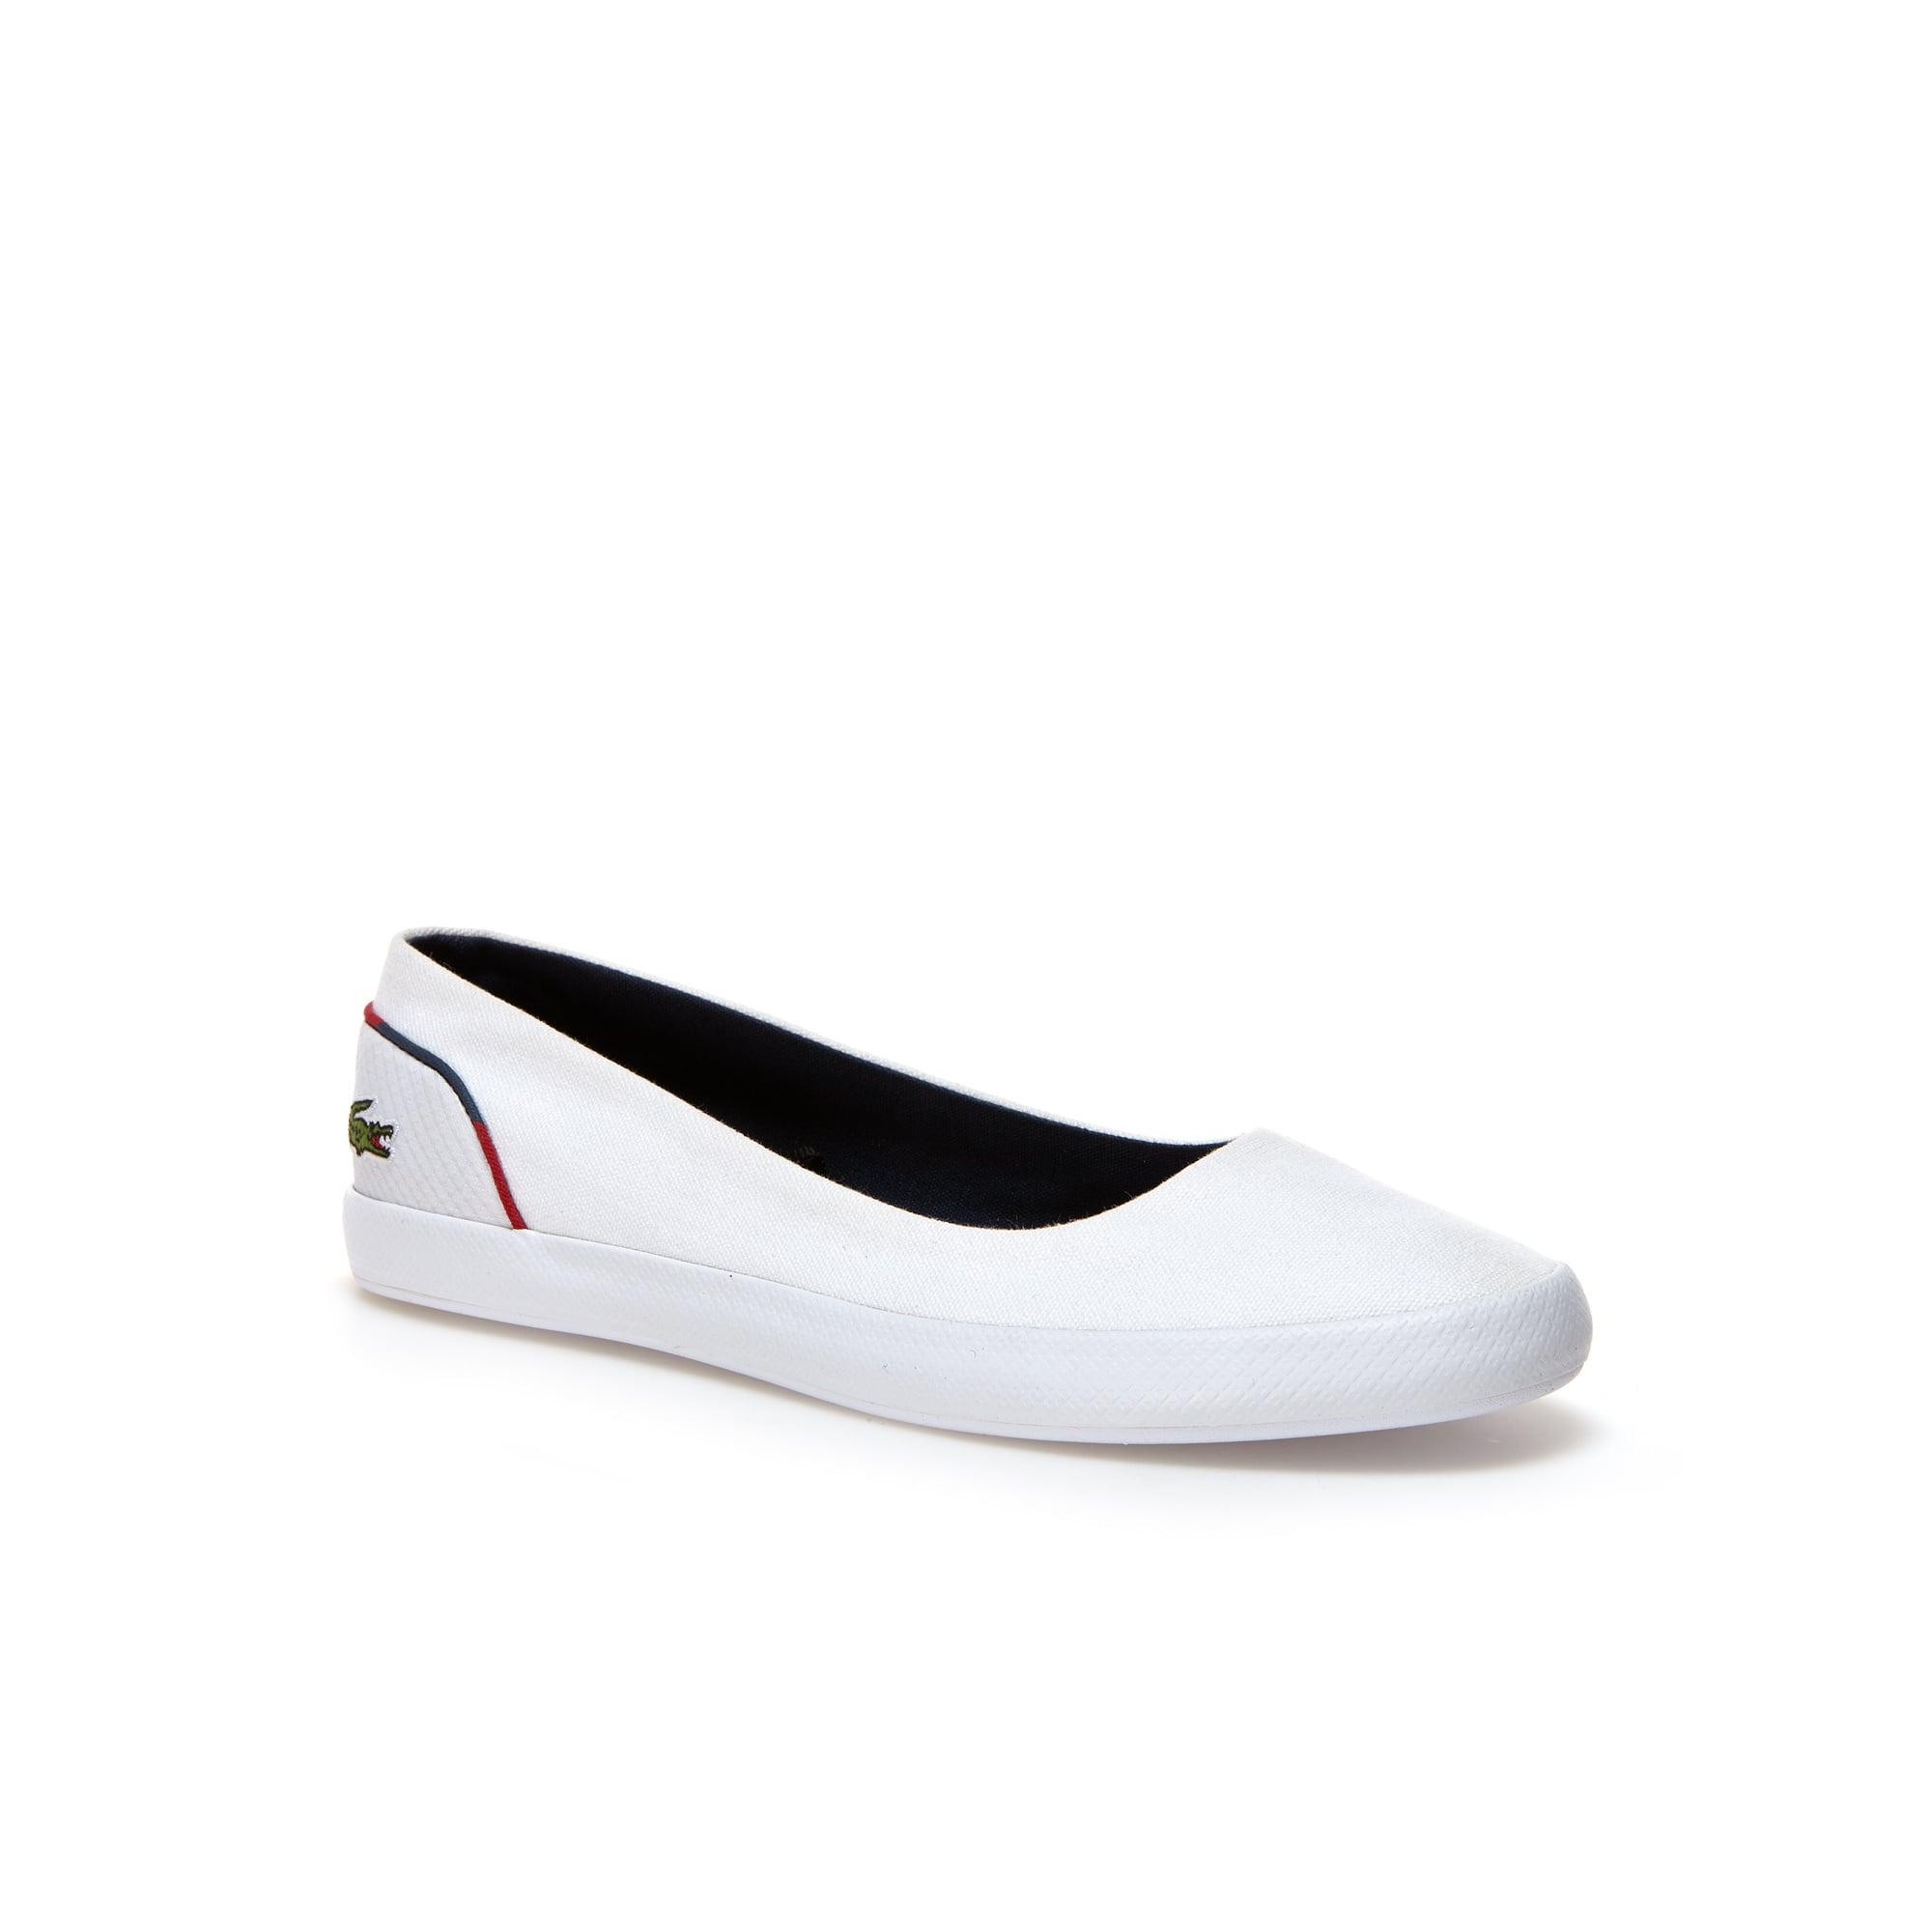 Zapatillas sin cordones de mujer Lancelle Ballerina de loneta